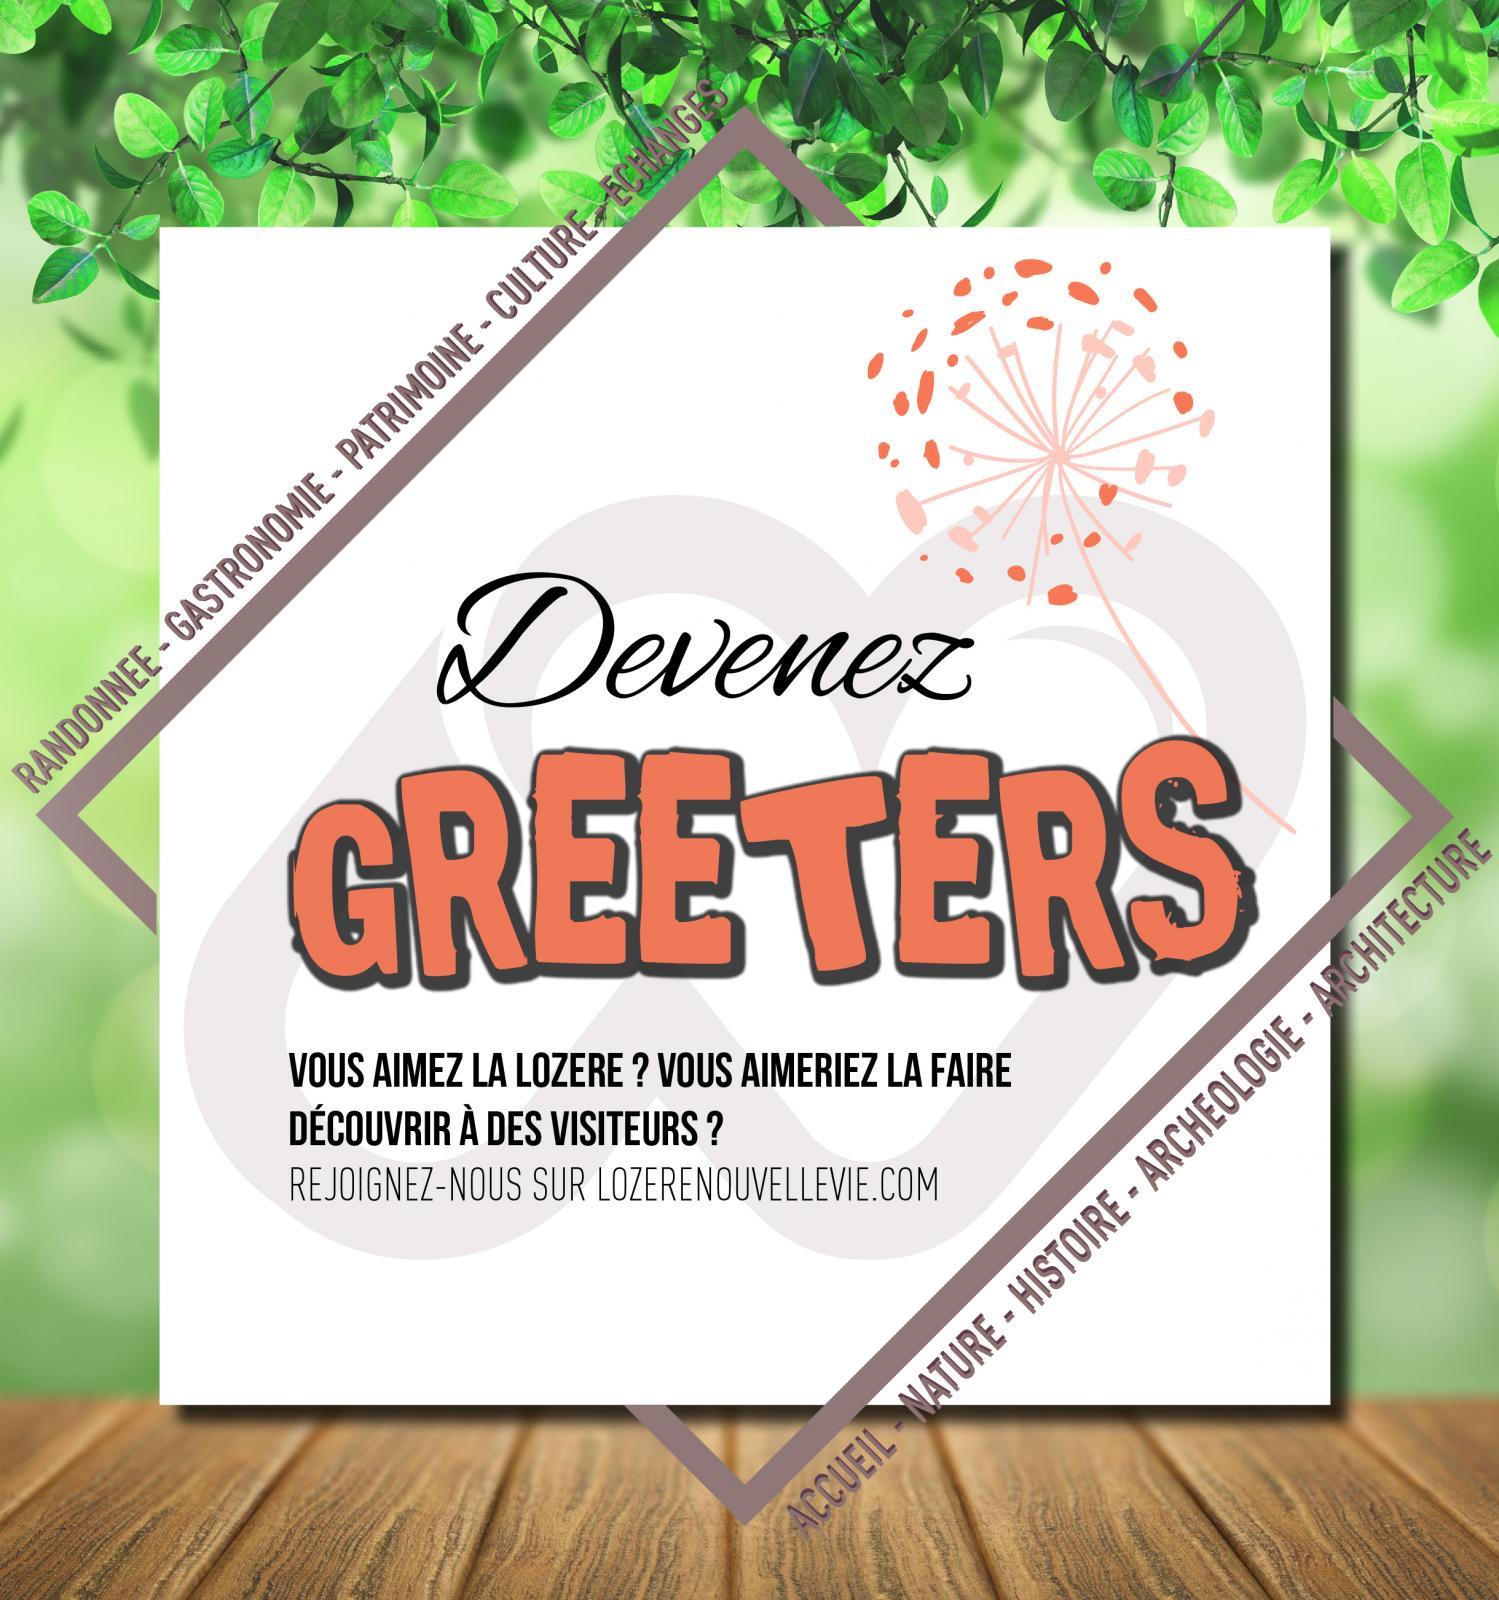 Visuel invitant à devenir Greeters